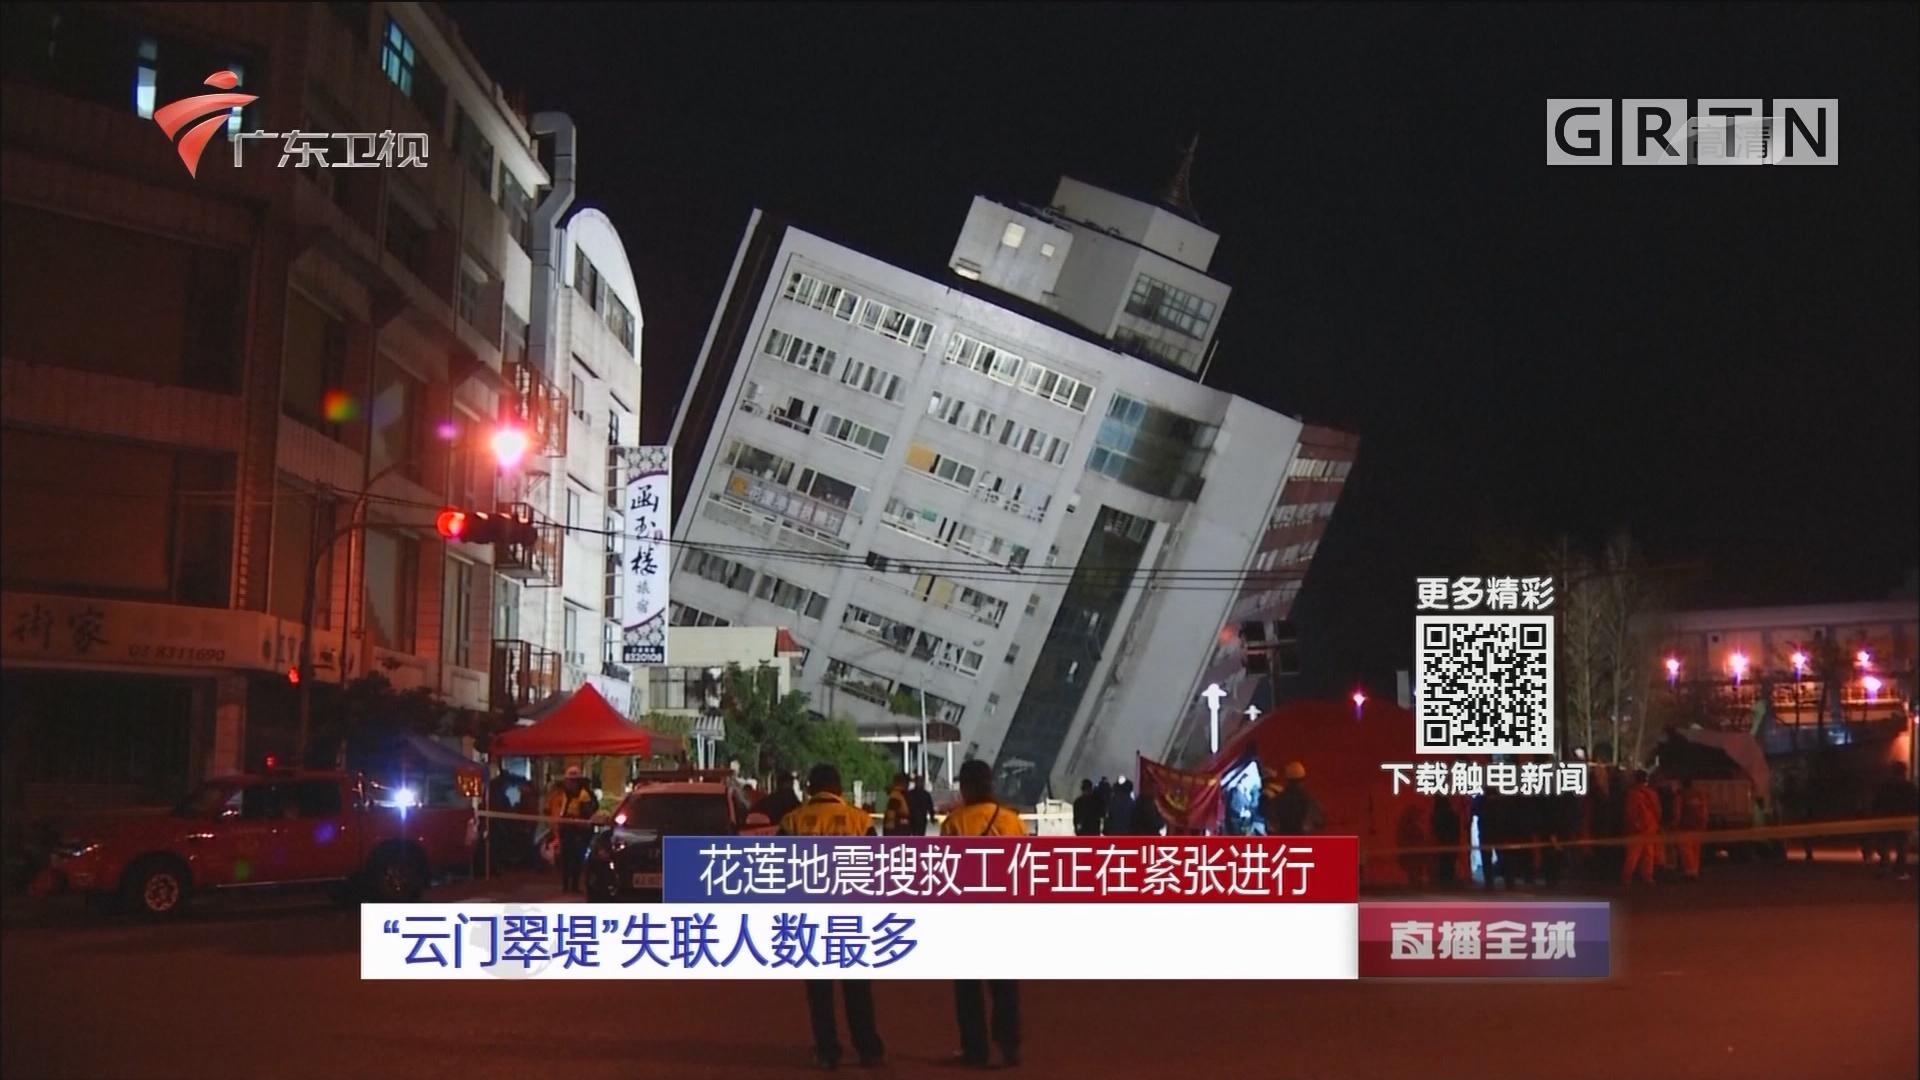 """花莲地震搜救工作正在紧张进行:""""云门翠堤""""失联人数最多"""